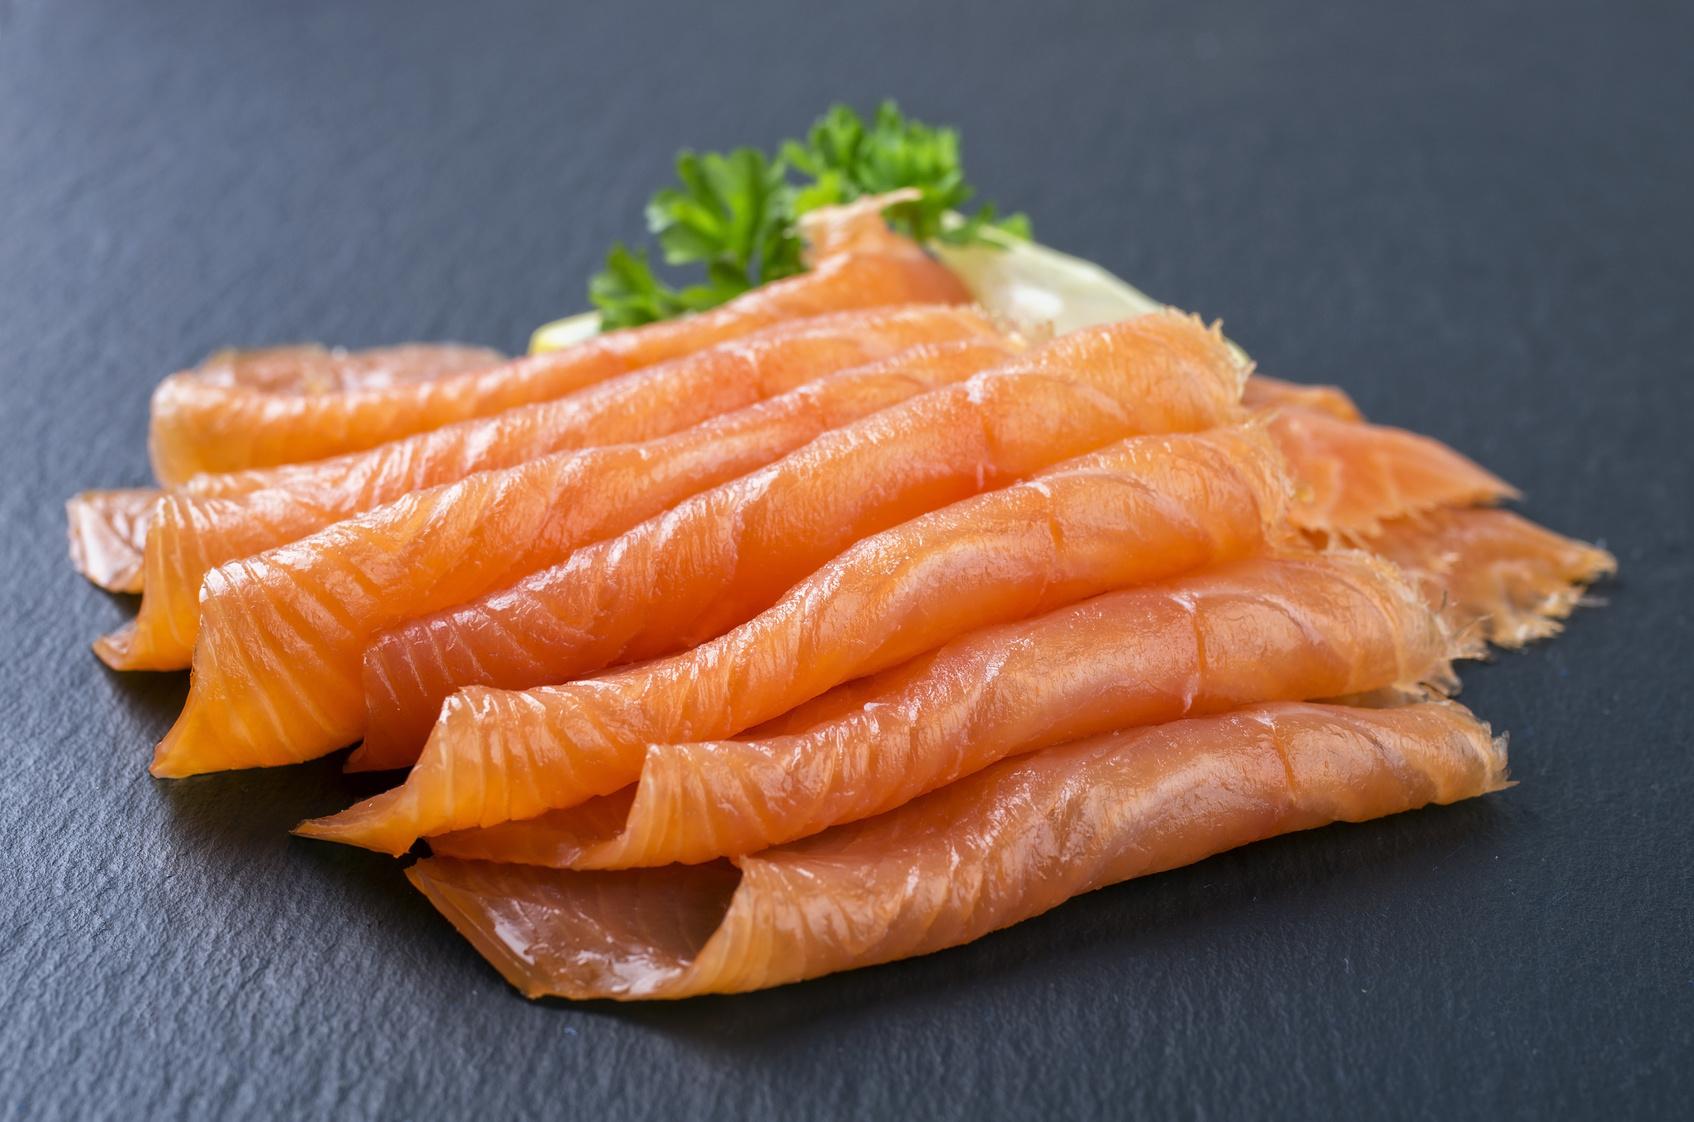 Nella dieta di ogni mamma non dovrebbe mancare mail il pesce, in quanto miniera di numerosi nutrienti protettivi; tuttavia, meglio evitare quello affumicato, che può risultare molto sgradito al bimbo.